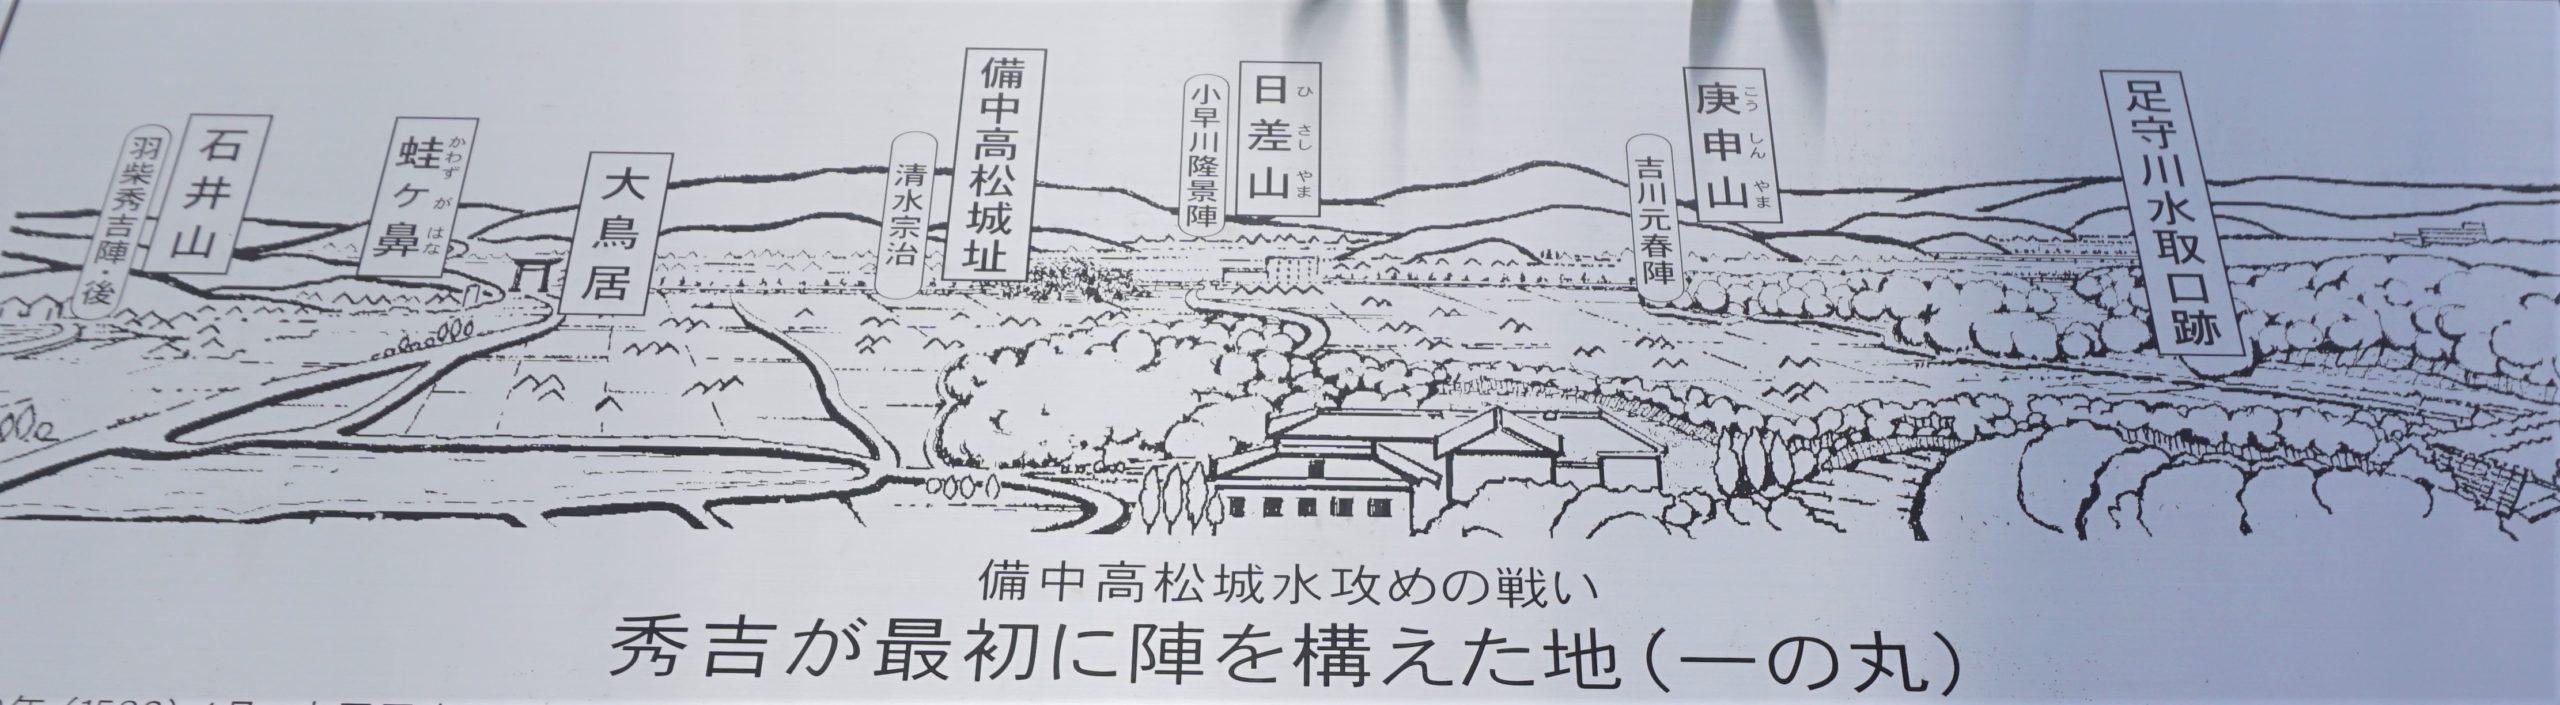 備中高松城水攻めの地案内図ー最上稲荷 一の丸よりー